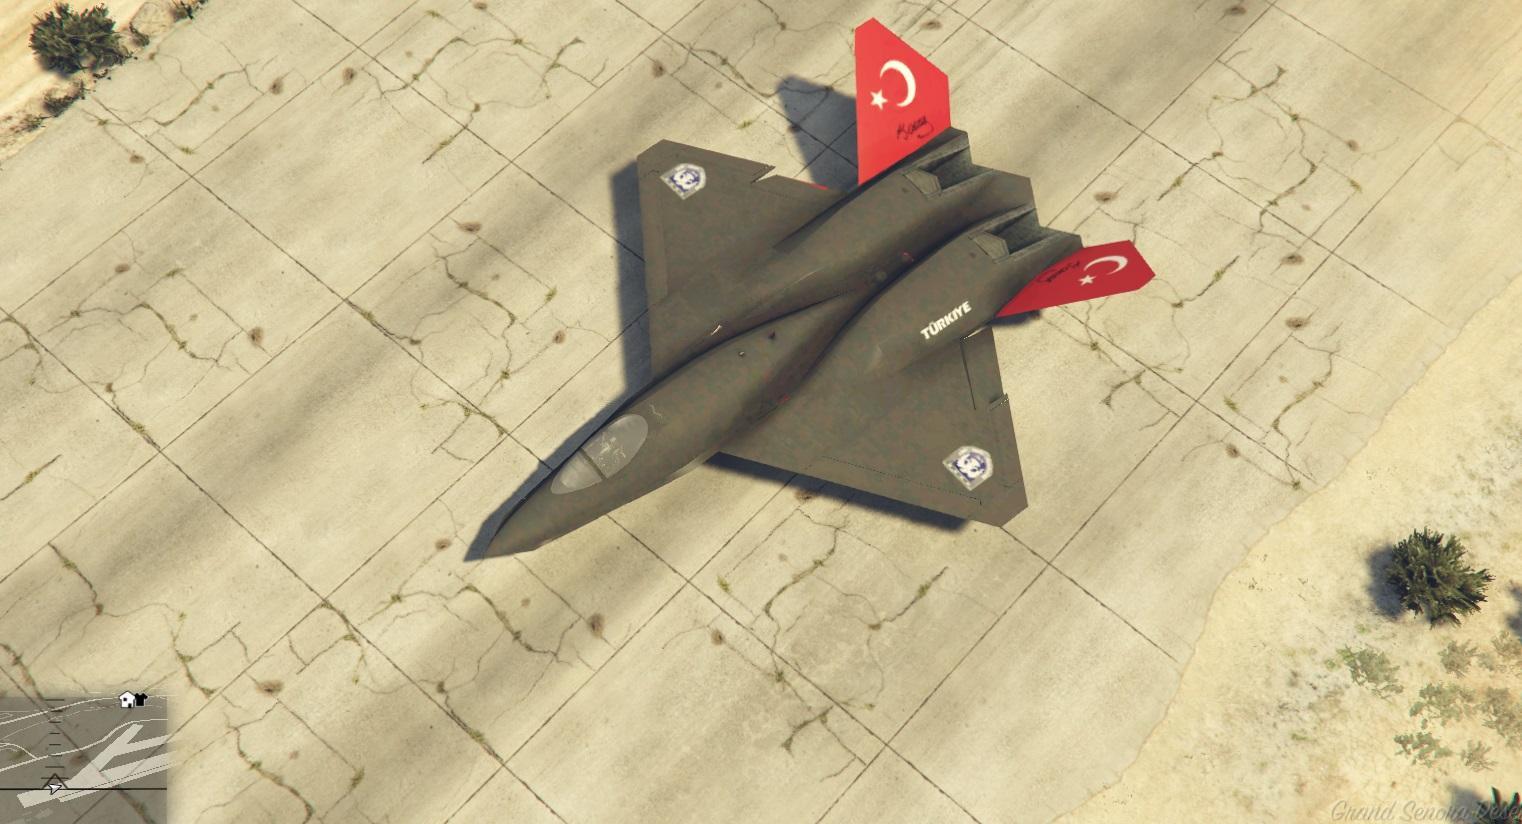 Türk Hava Kuvvetleri YF 23 /Turkish Air Forces YF 23 ...